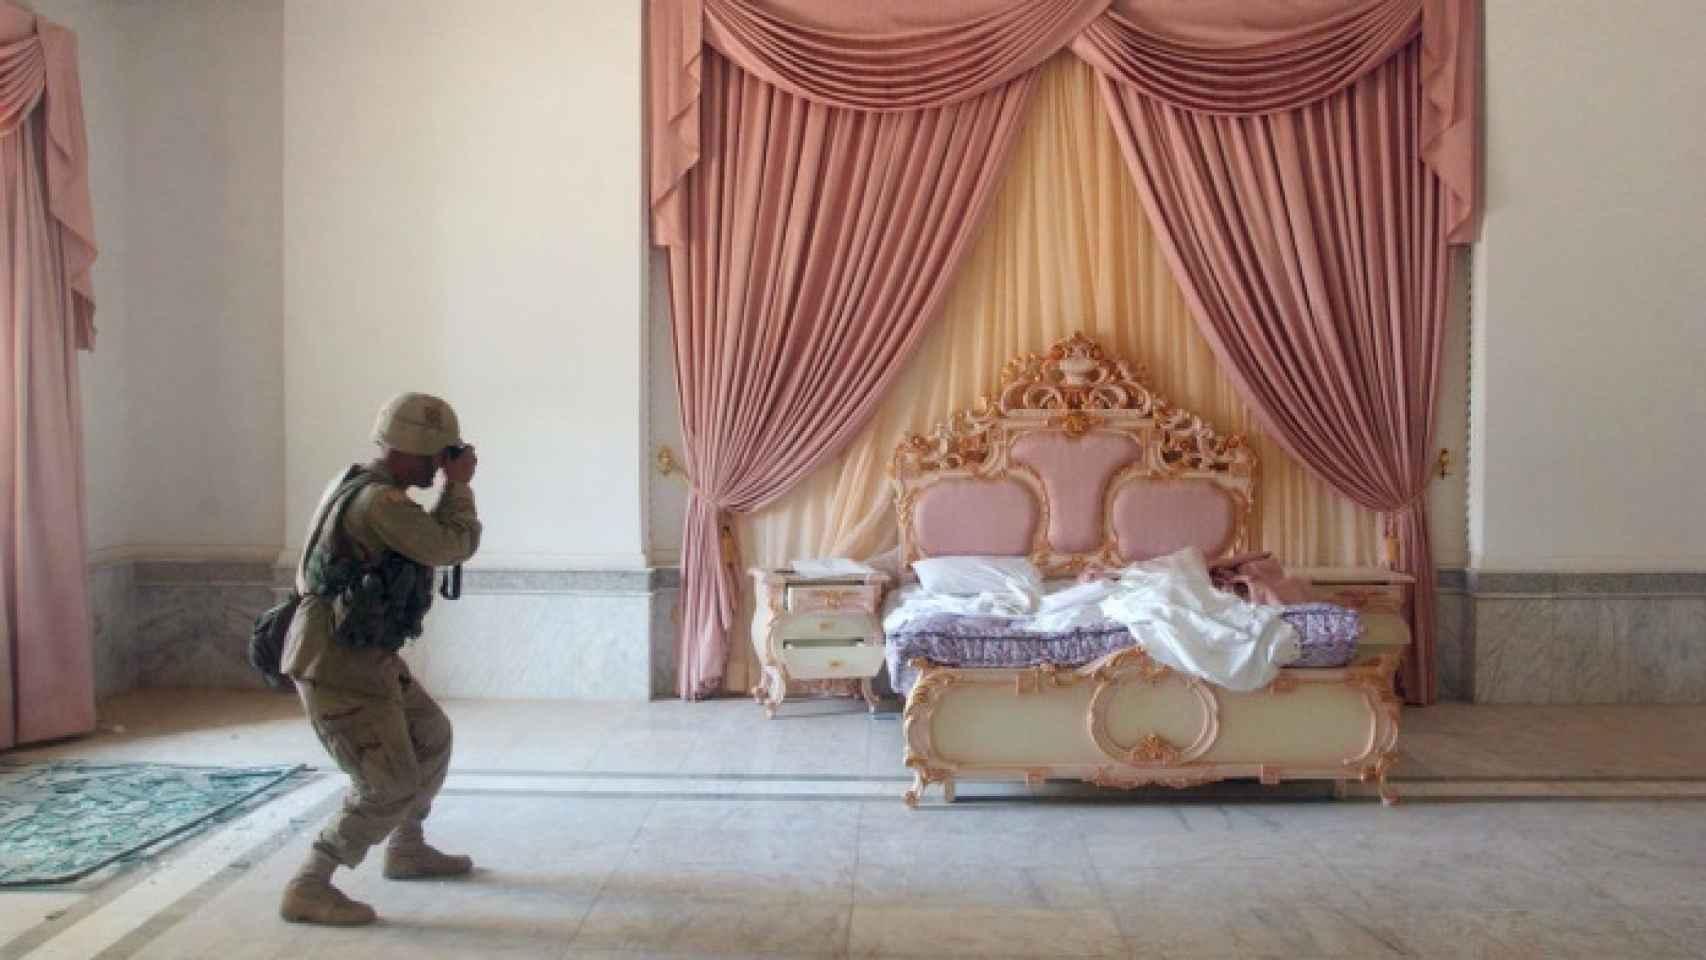 El sargento estadounidense Craig Zentkovich fotografía por primera vez, en abril de 2003, las dependencias del palacio.